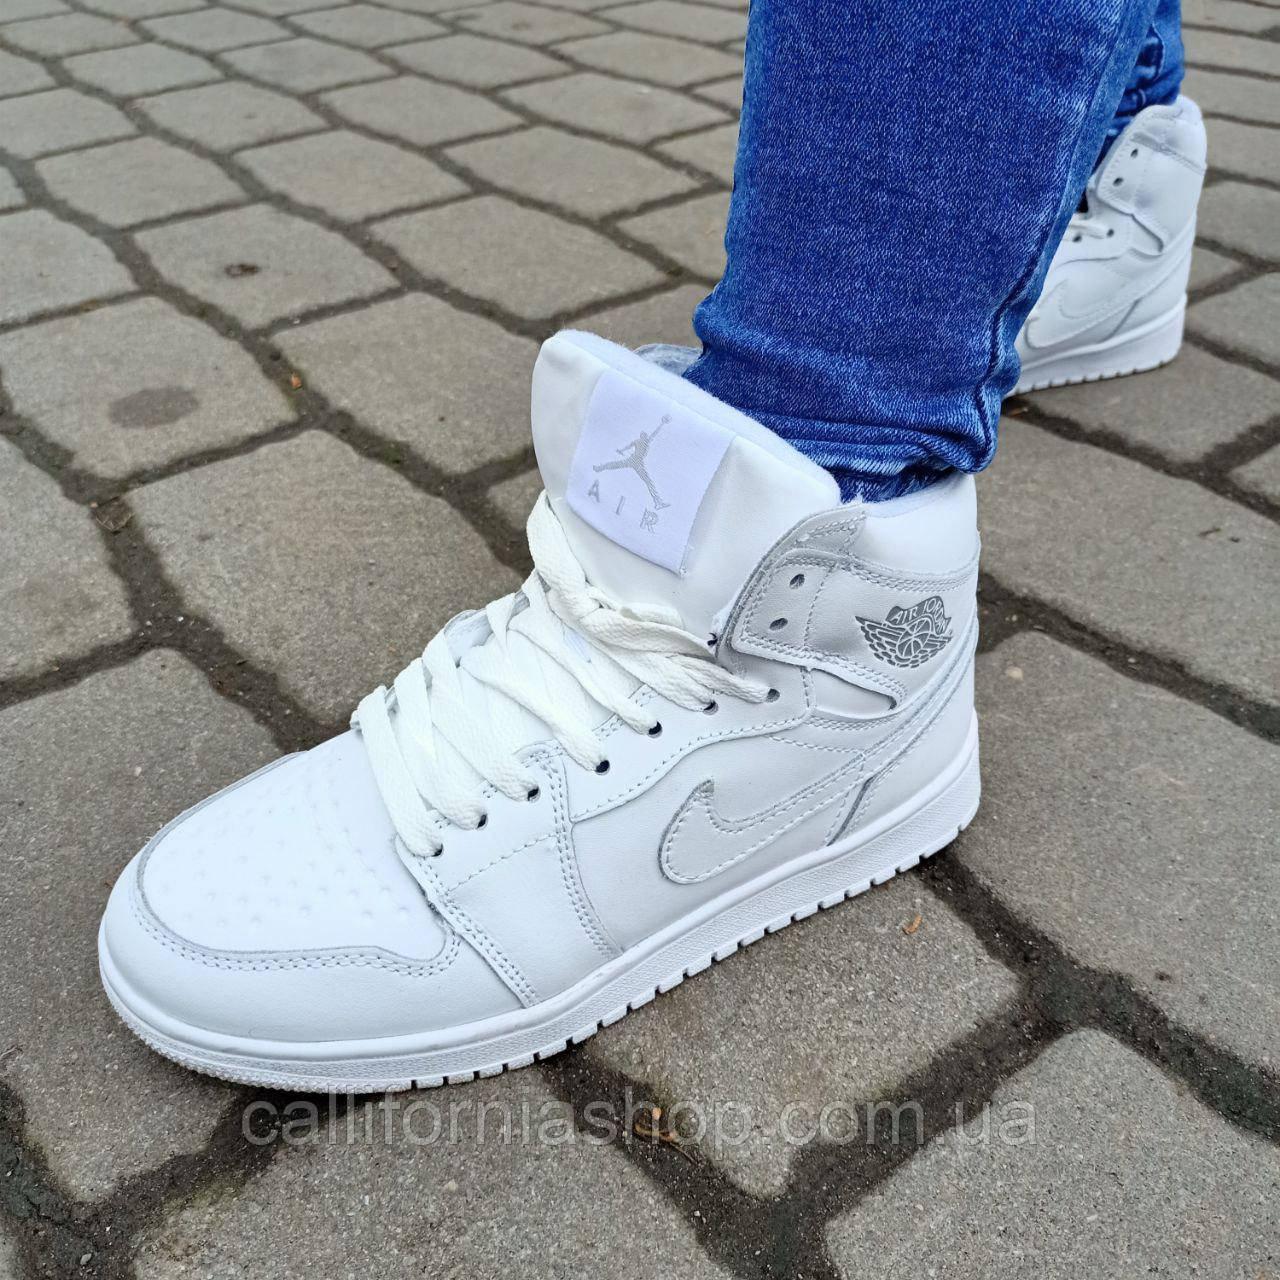 Кроссовки женские белые Nike Air Jordan 1 Retro Найк Аир Джордан 1 Ретро зимние кожаные на меху 36 размер